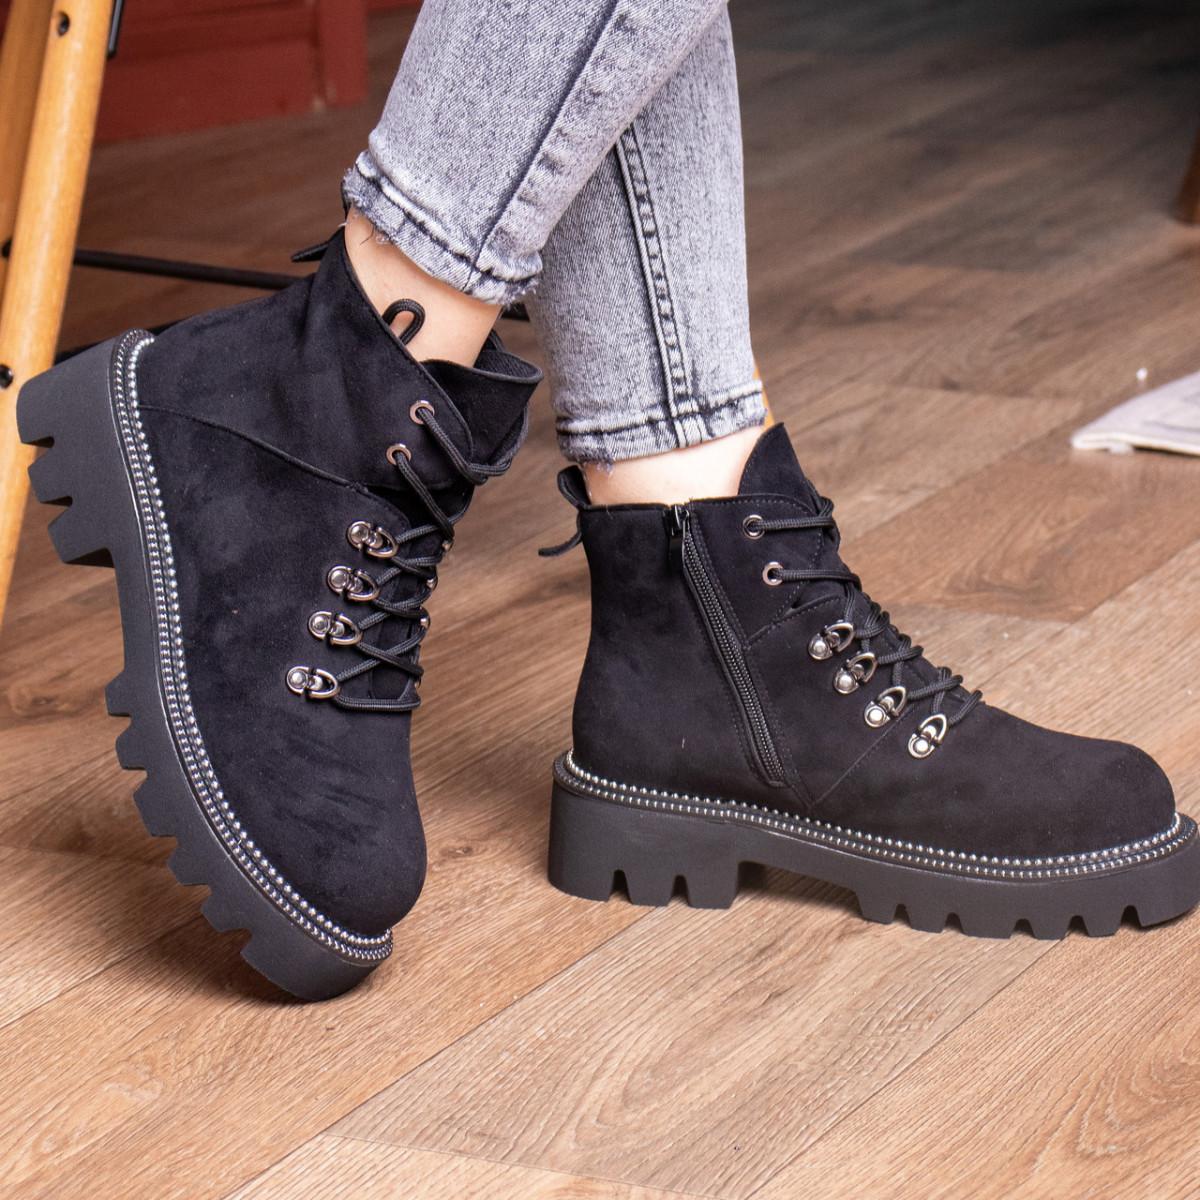 Ботинки женские Fashion Tie 2449 36 размер 22,5 см Черный